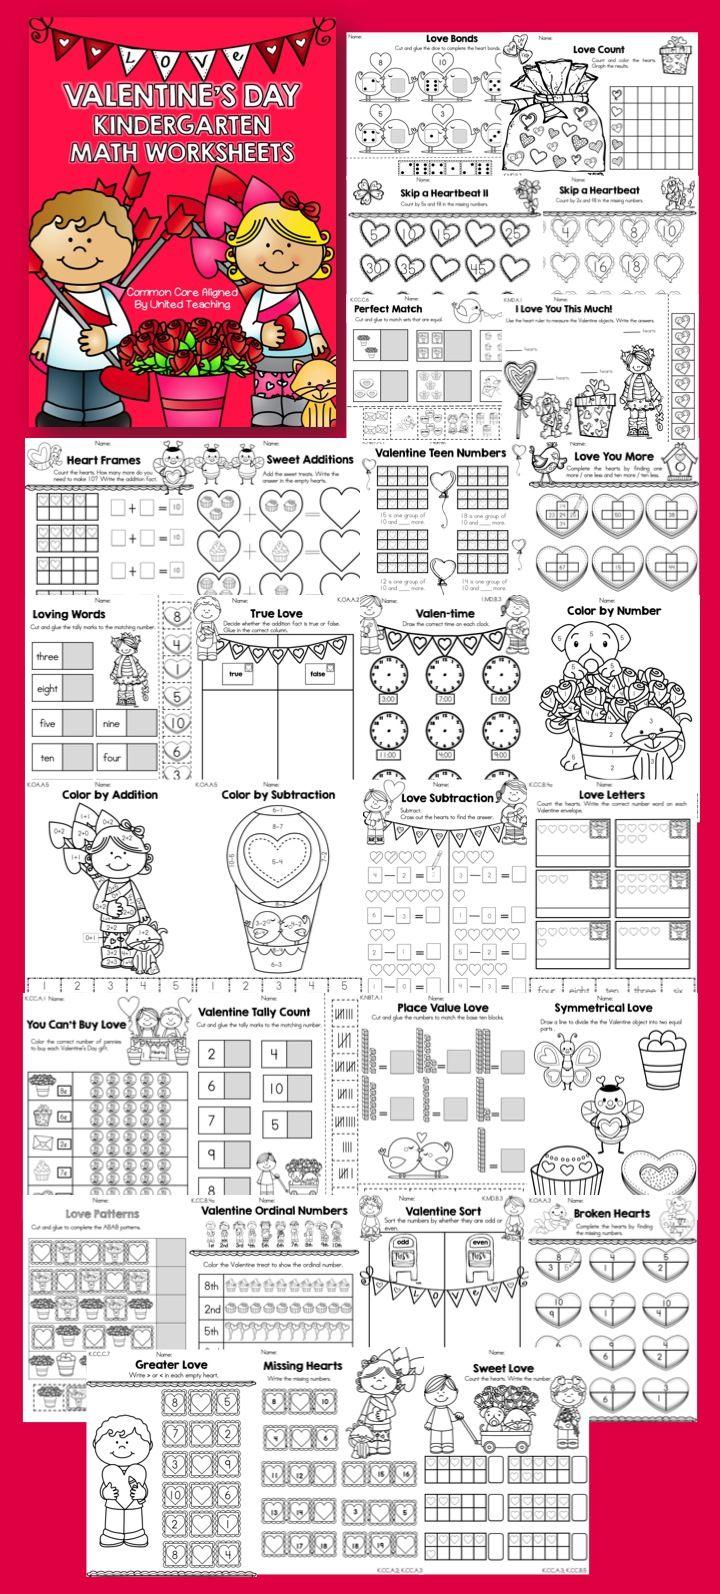 worksheet Kindergarten Common Core Math Worksheets valentines day kindergarten math worksheets worksheets